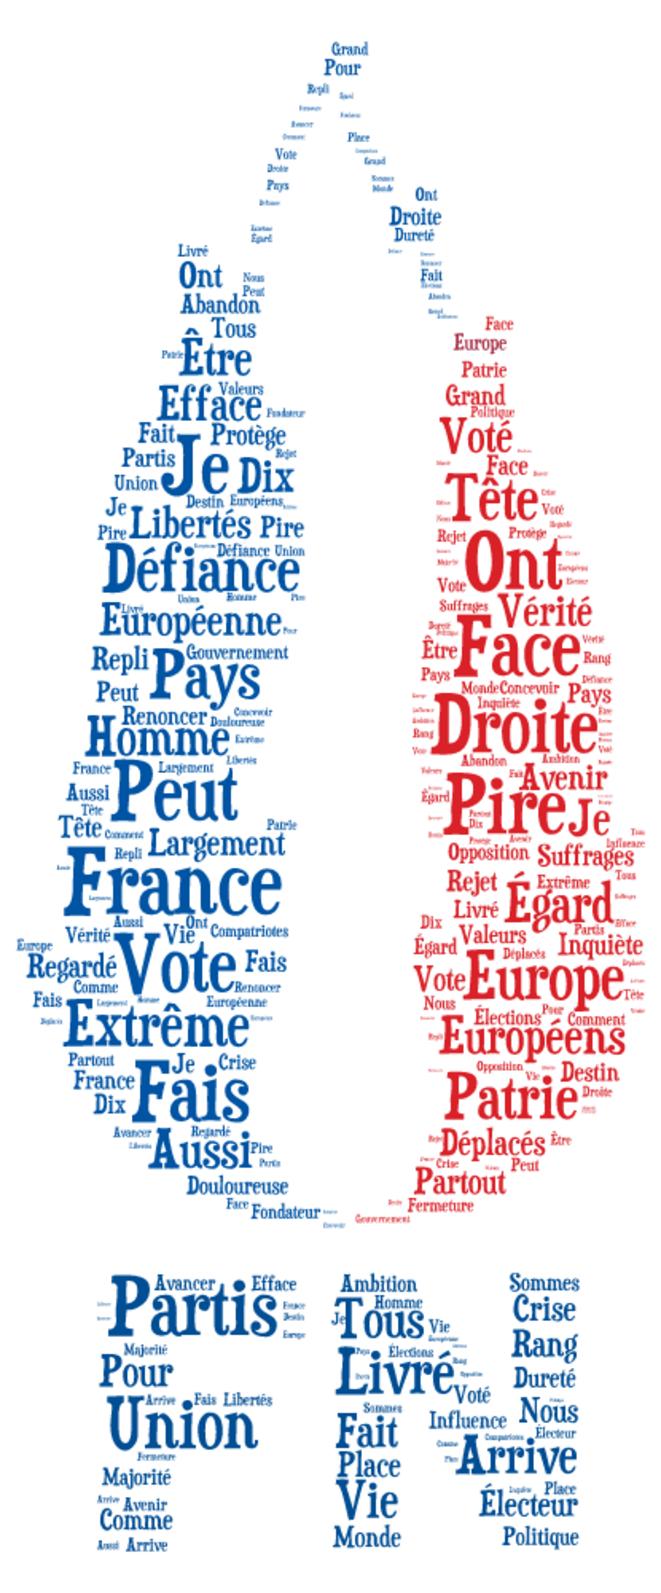 Discours - analyse lexicale - © Pierre Callewaert (Source : Elysée.fr)